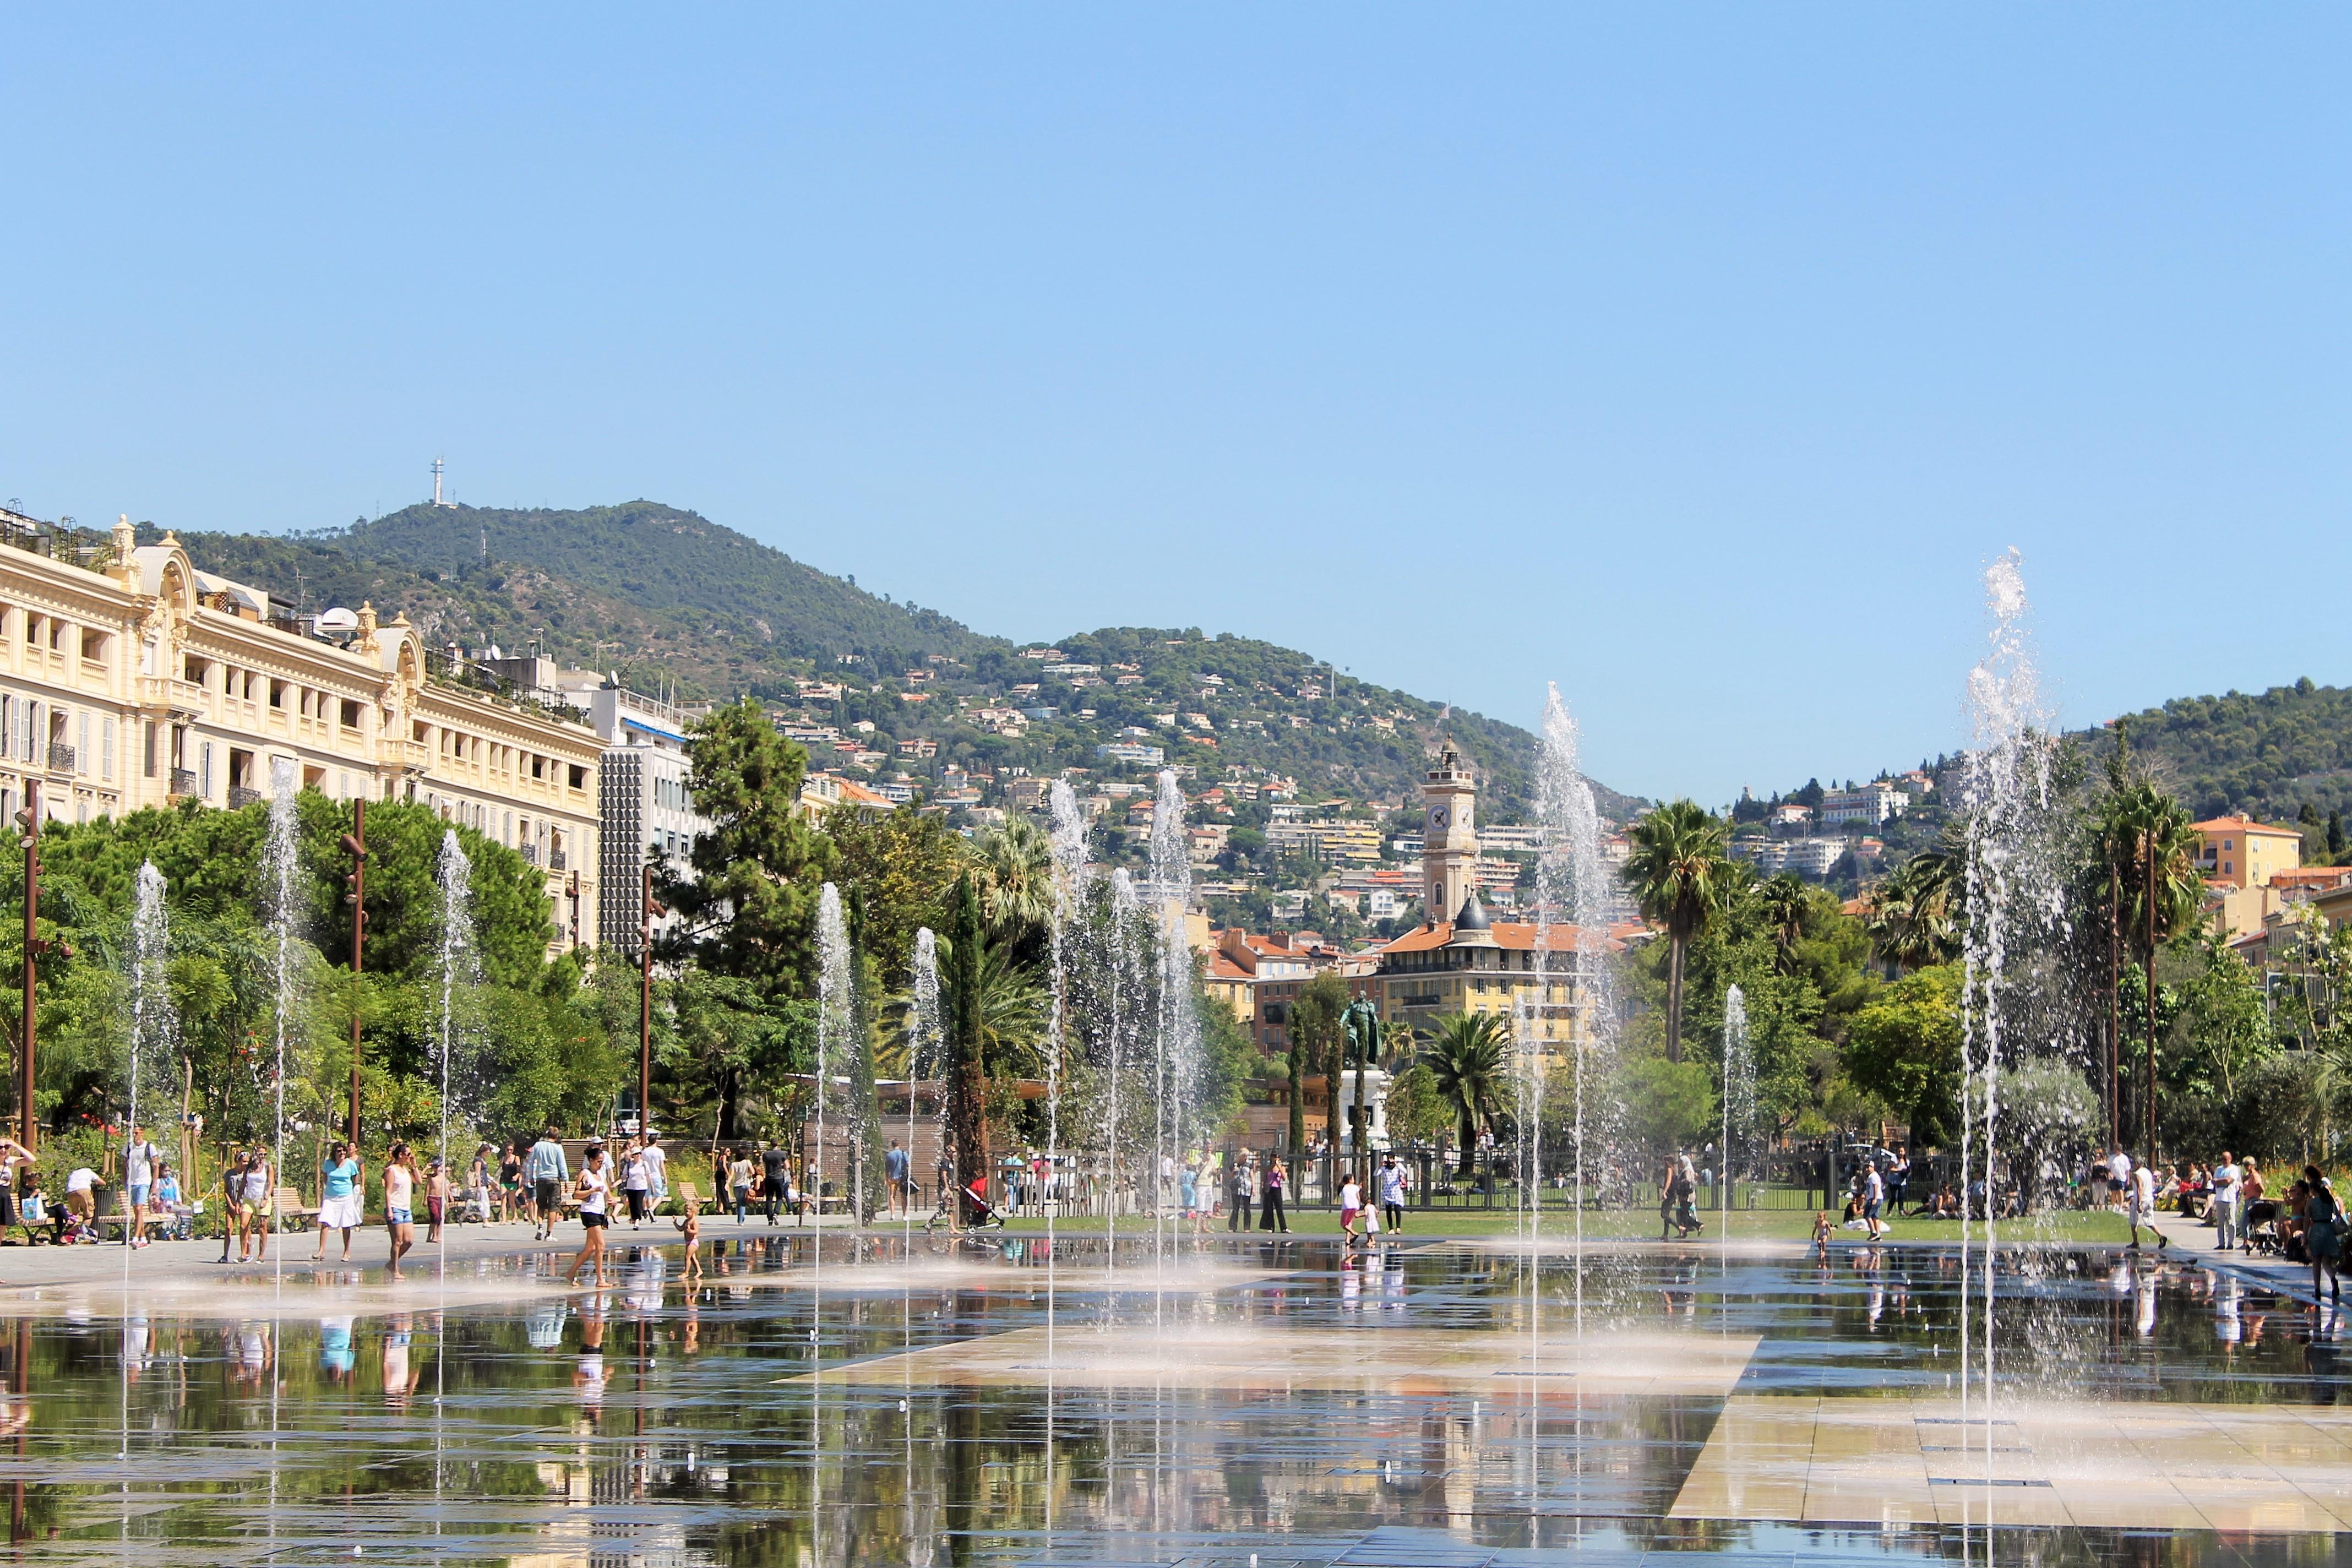 פארק חדש ומרשים, אך חם ומהביל (צילום: SarahVstk, Wikimedia Commons)